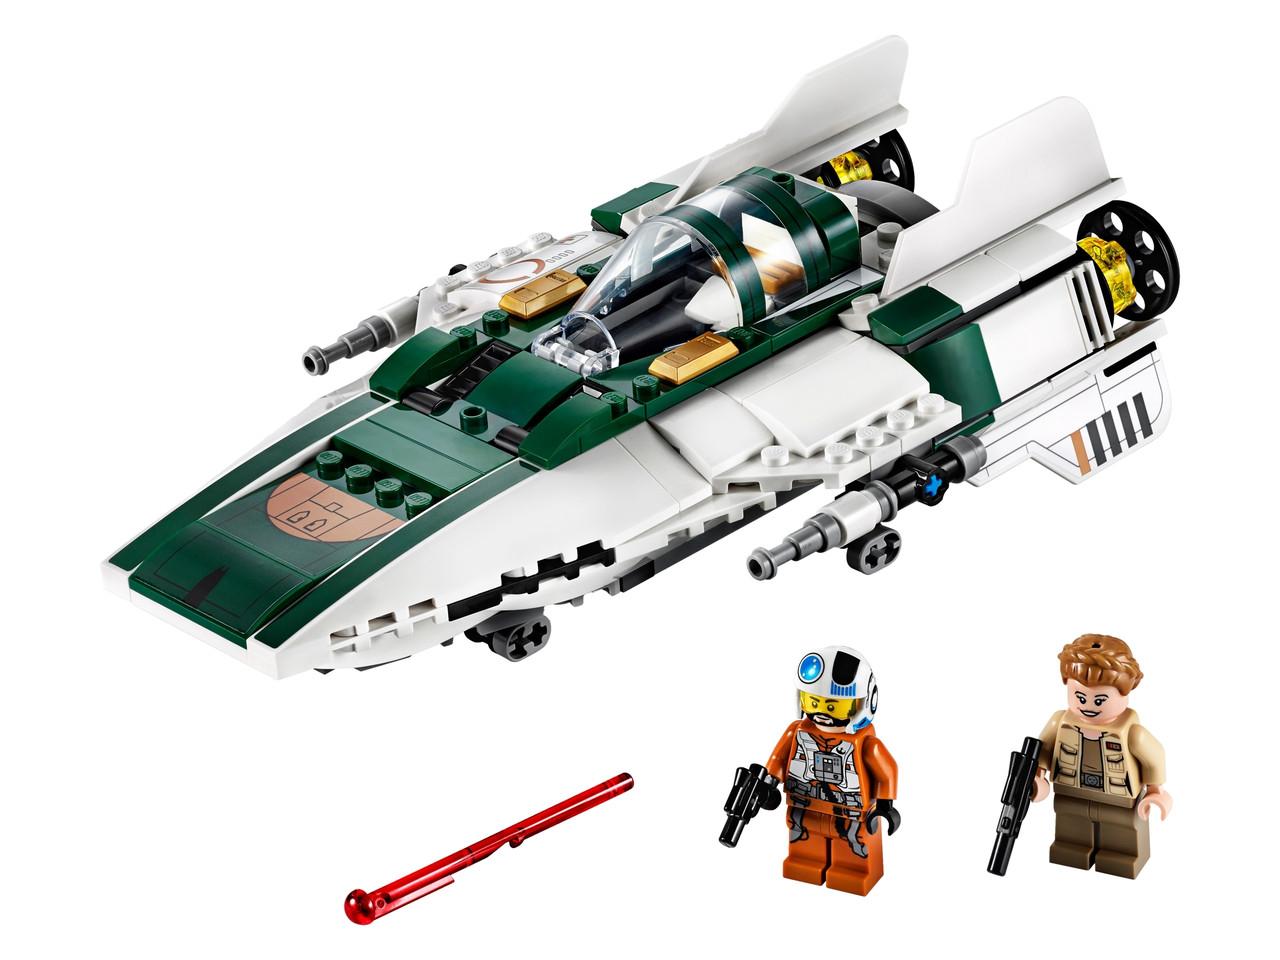 Конструктор LEGO Опір A-wing Starfighter 269 деталей (75248)